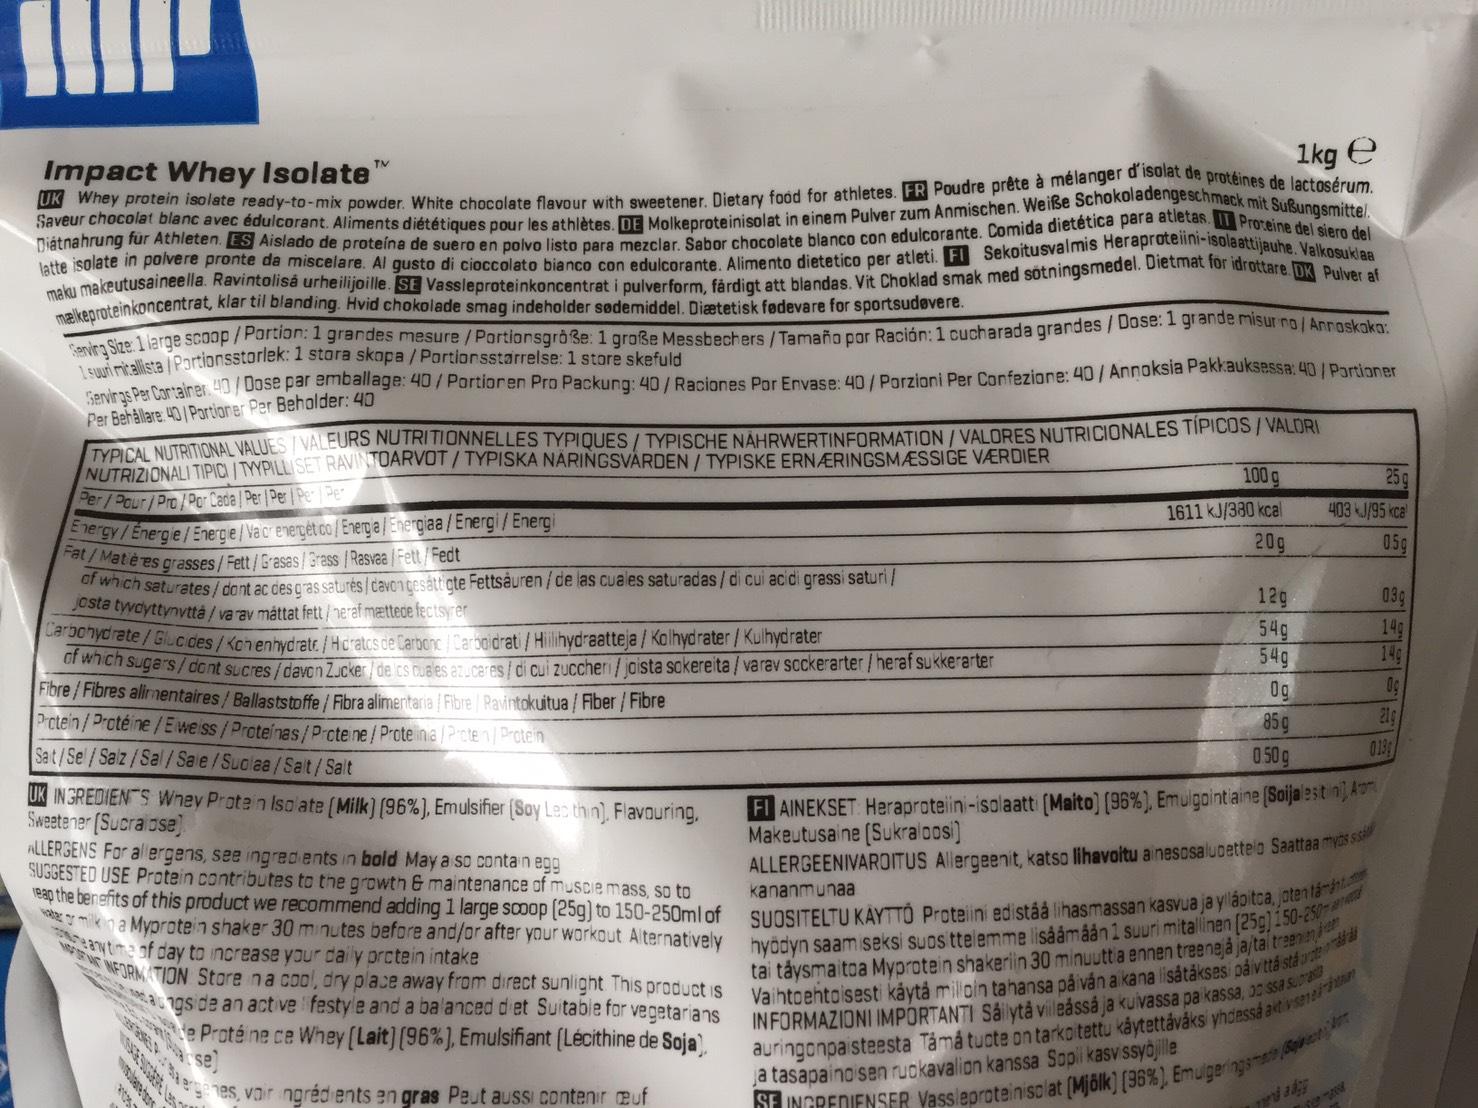 【WPI】IMPACT 分離ホエイプロテイン (アイソレート)「WHITE CHOCOLATE FLAVOUR(ホワイトチョコレート味)」の成分表